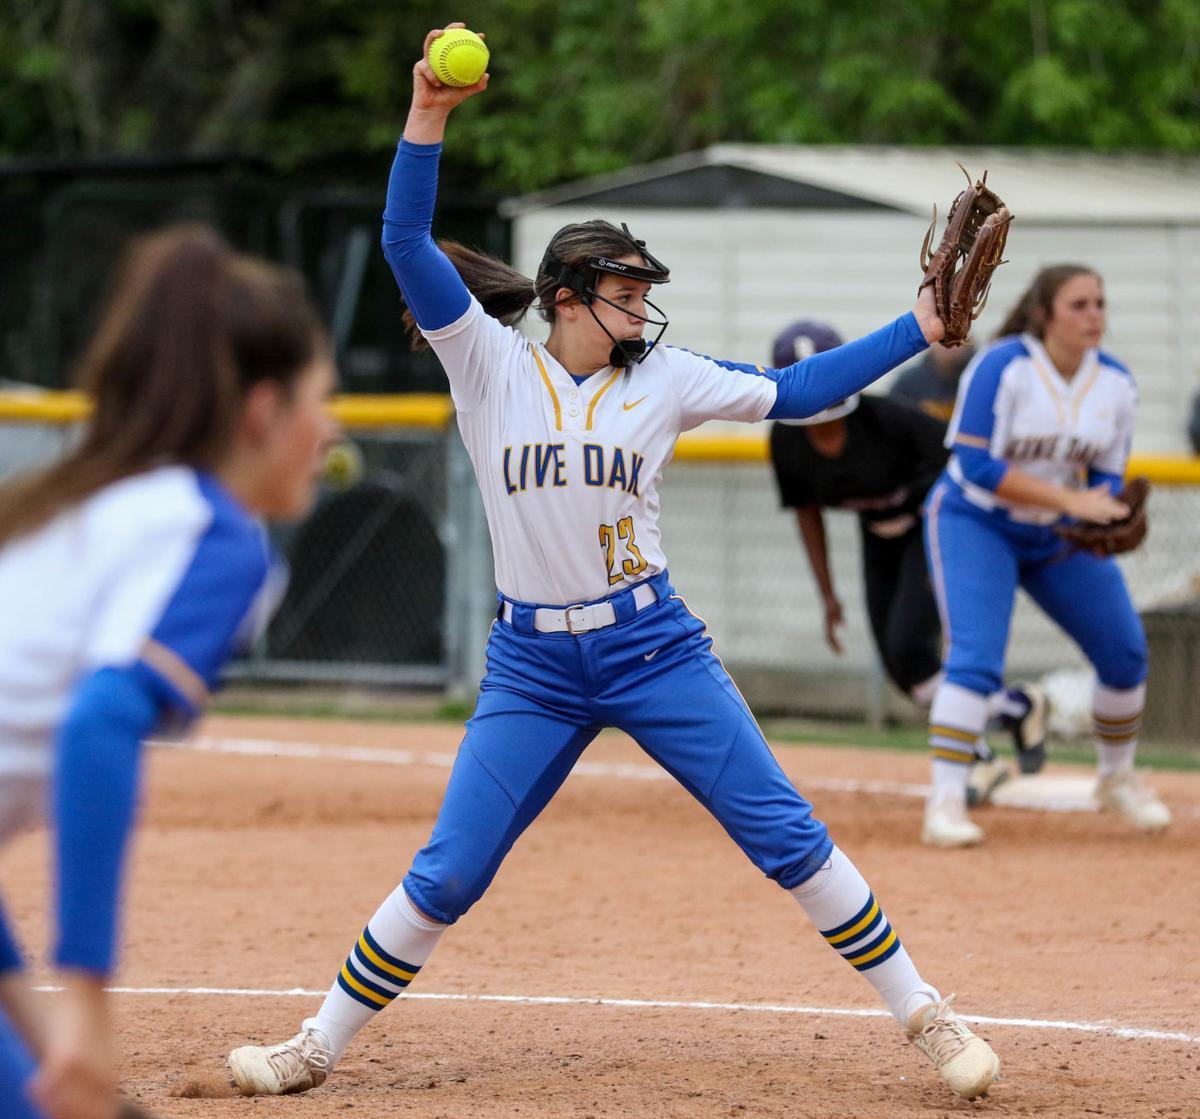 Live Oak vs Denham Springs Softball: Emalea Dimaio